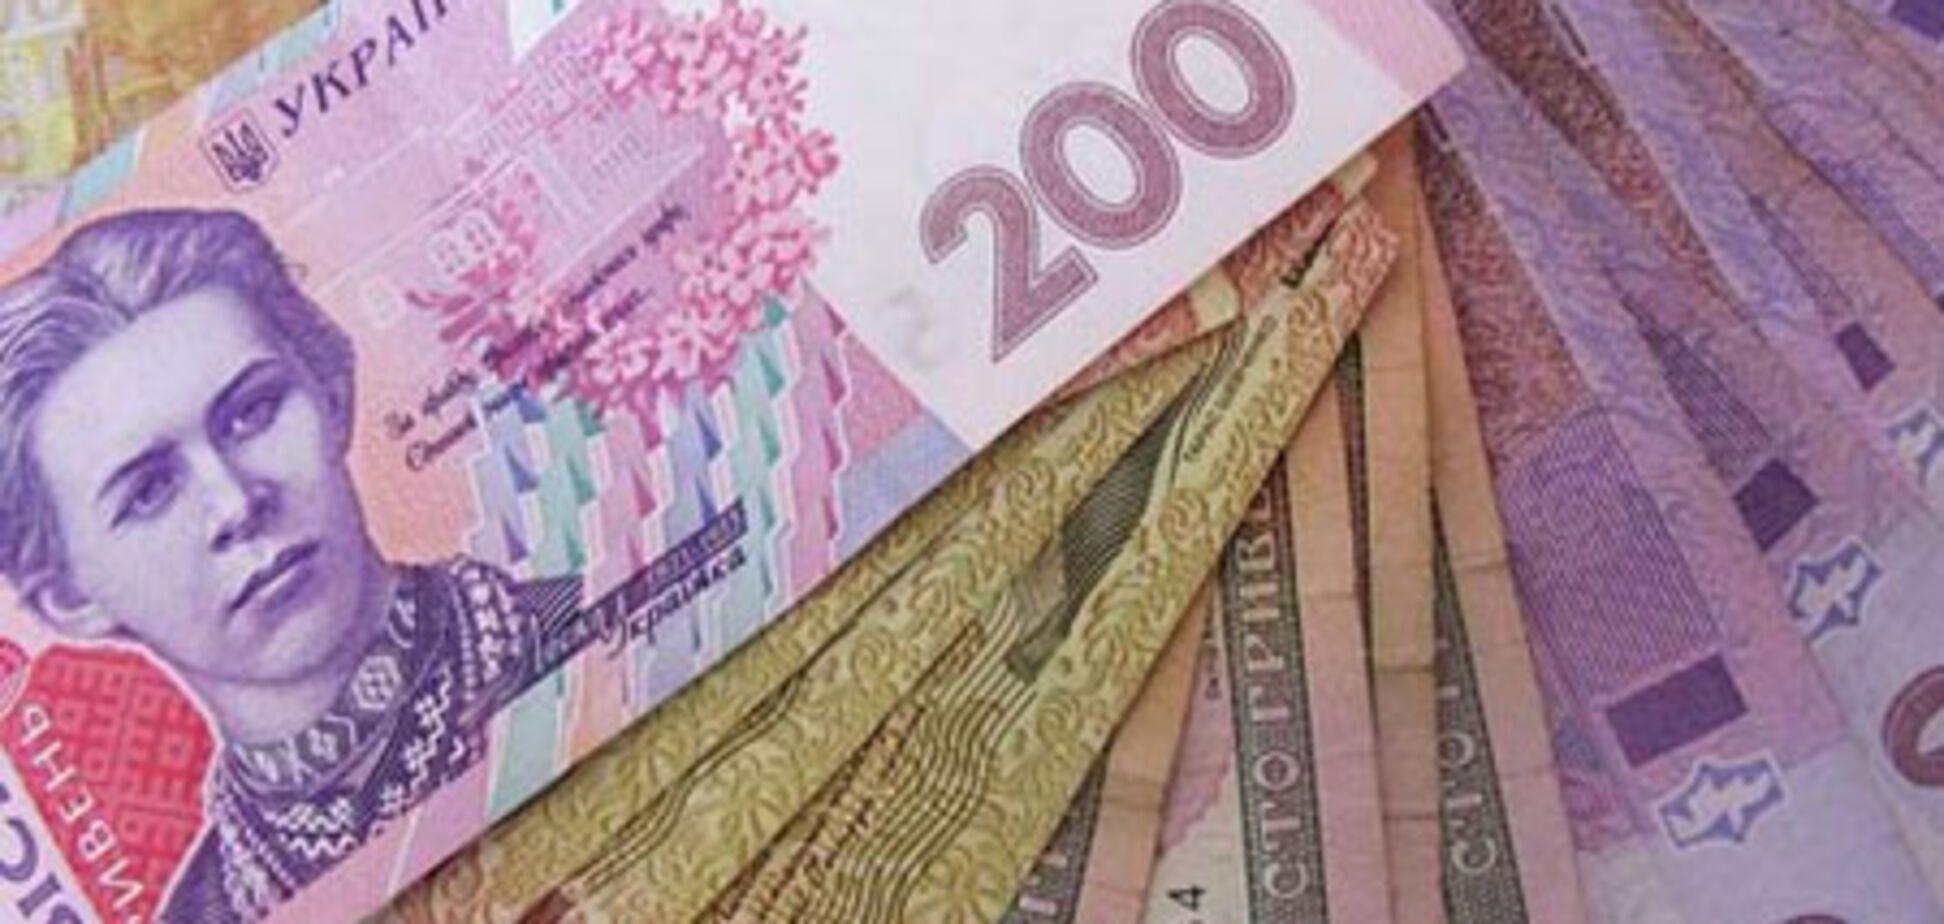 У 2008-2009 роках в 'Укрспецекспорті' відмили 800 млн гривень